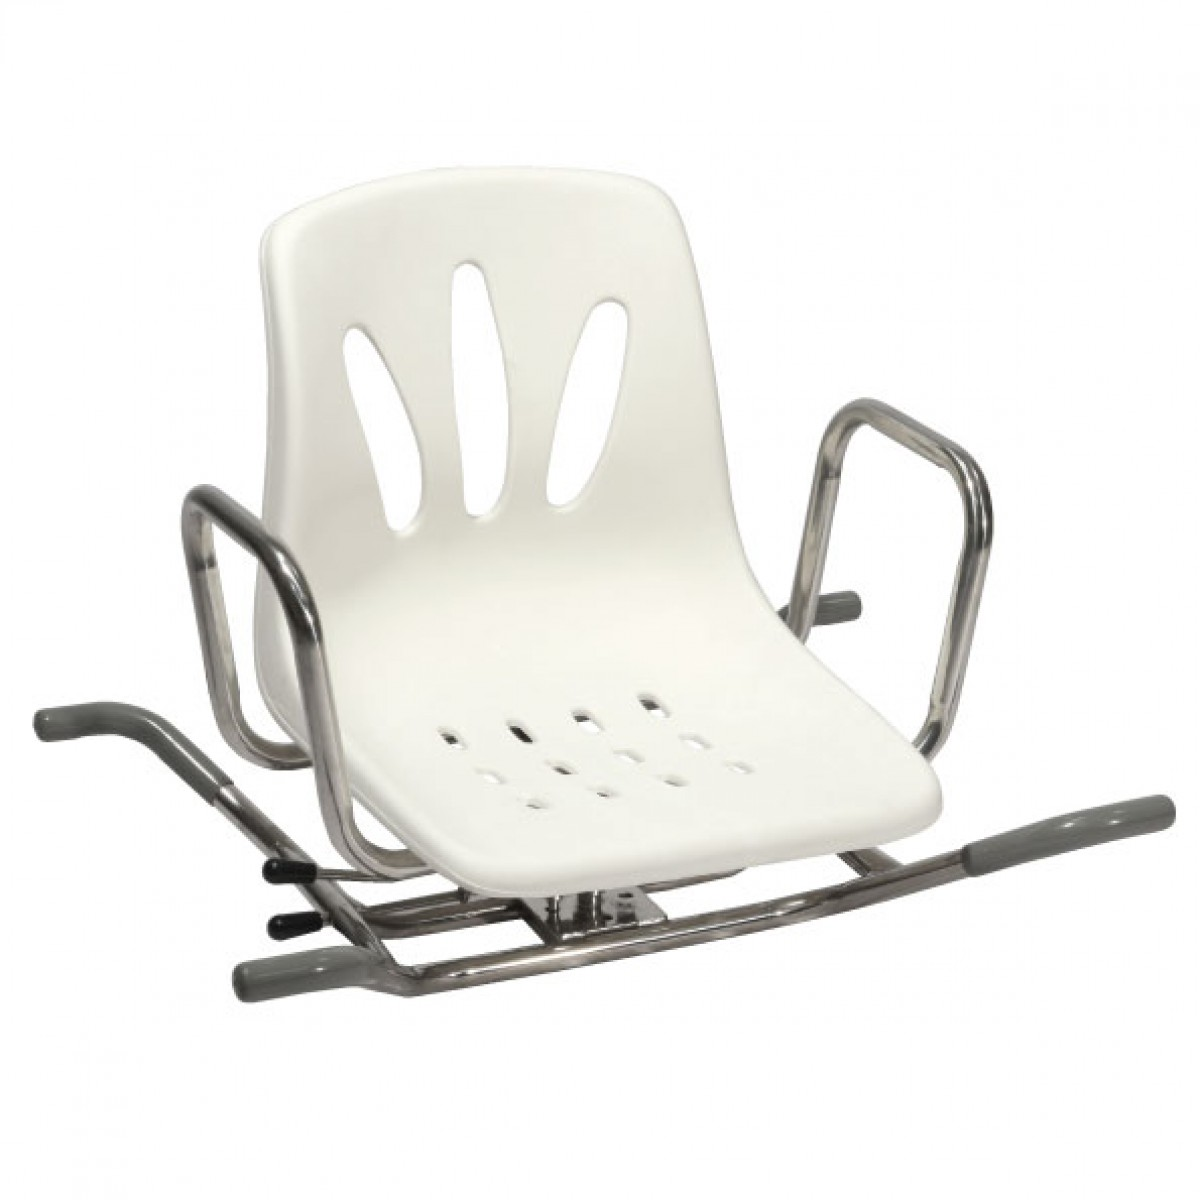 sedia girevole in acciaio inox per vasca da bagno ausili